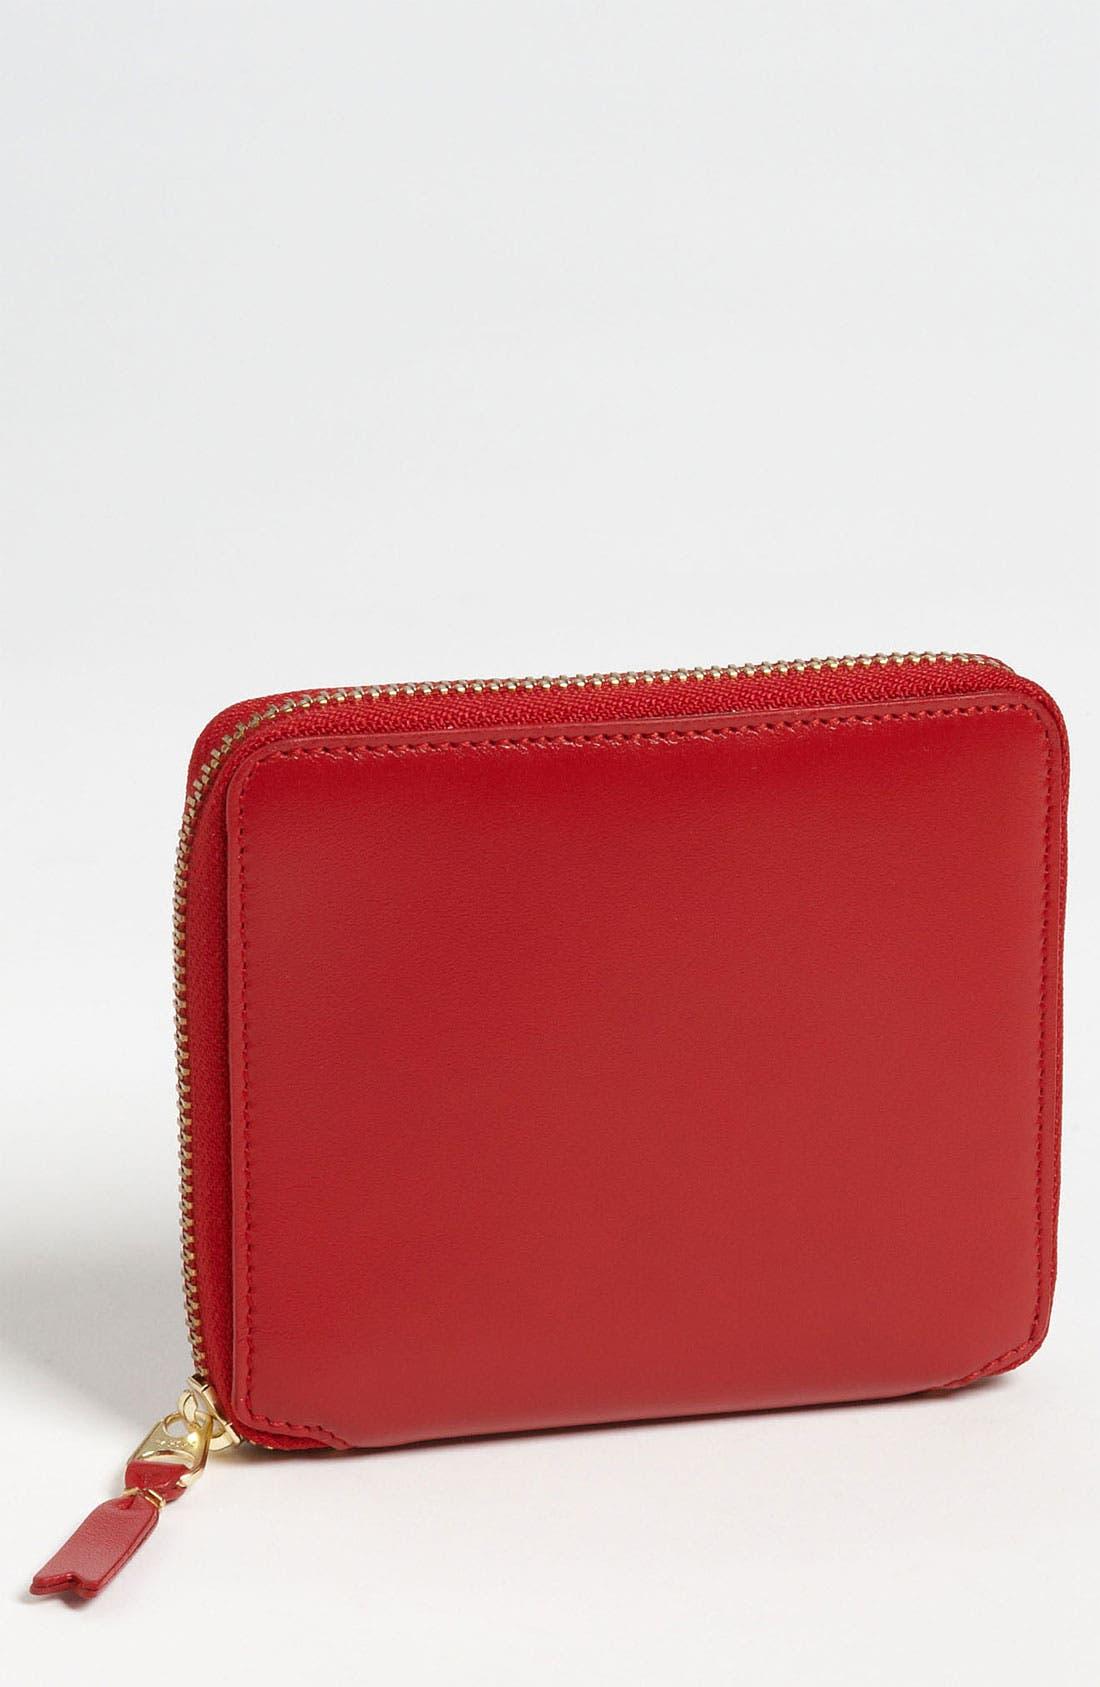 Main Image - Comme des Garçons 'Classic' French Wallet